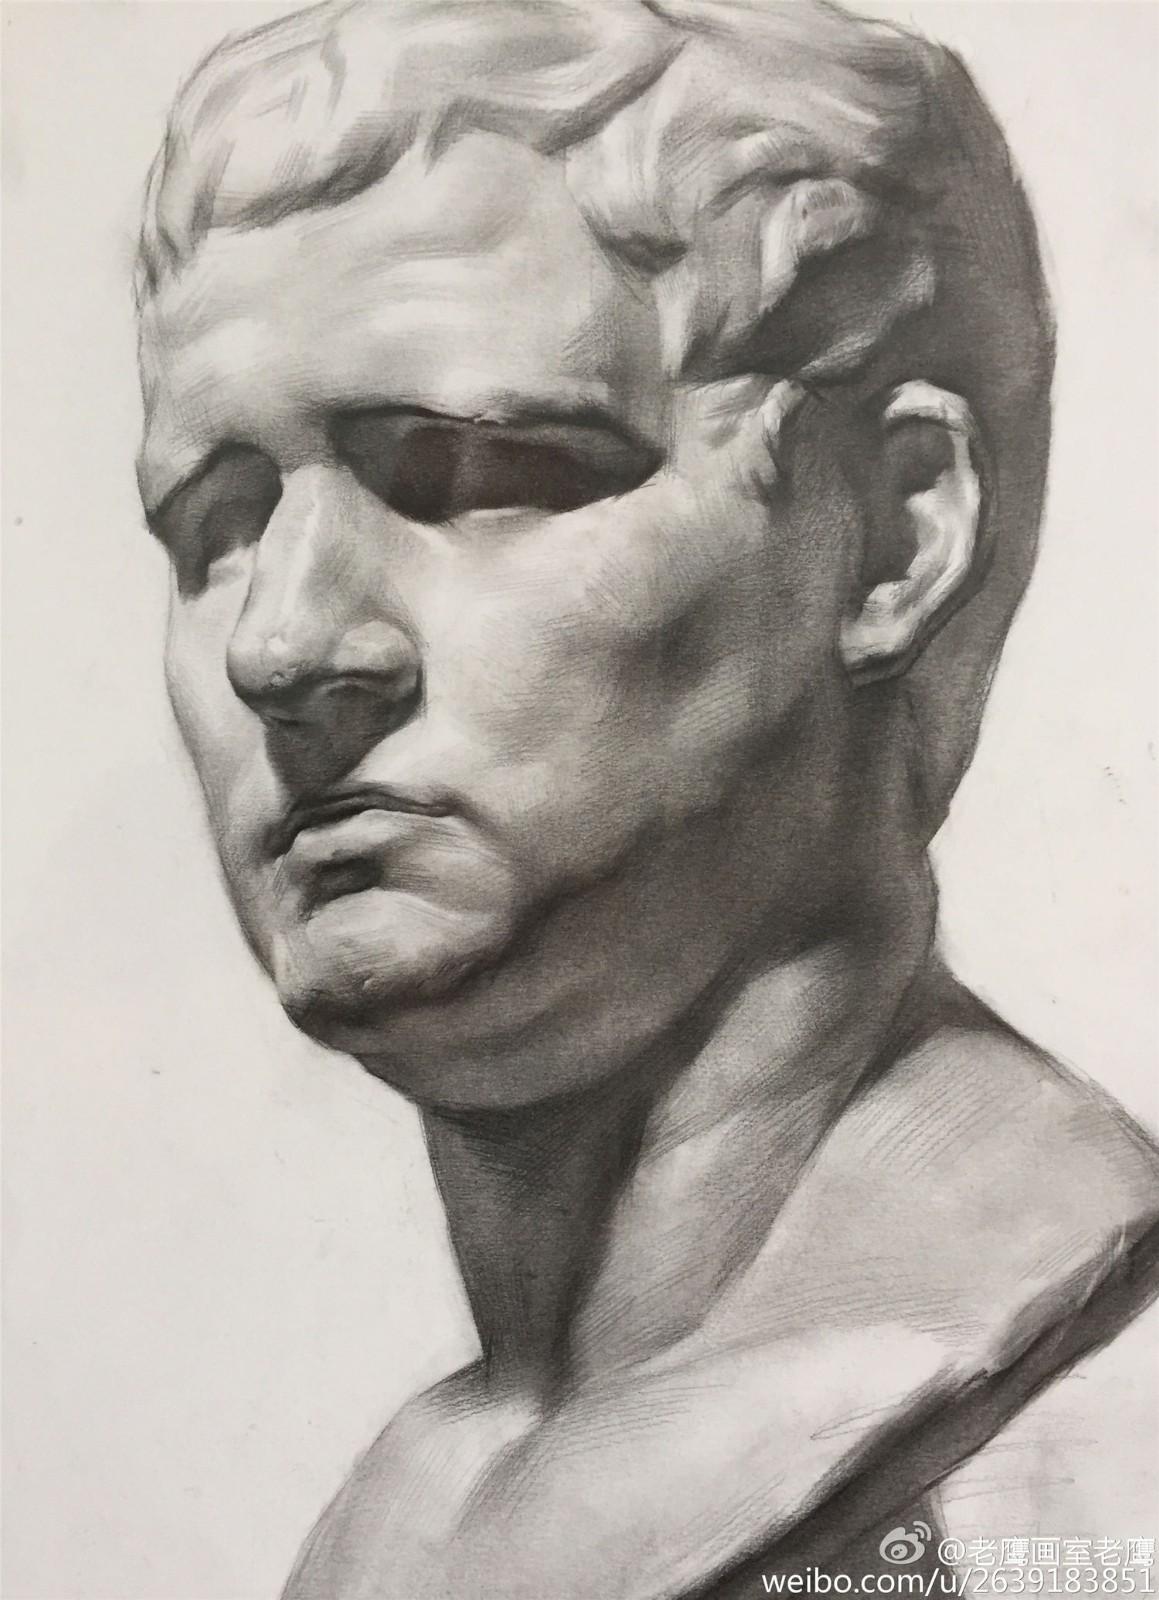 阿格里巴素描石膏像范画欣赏(2)